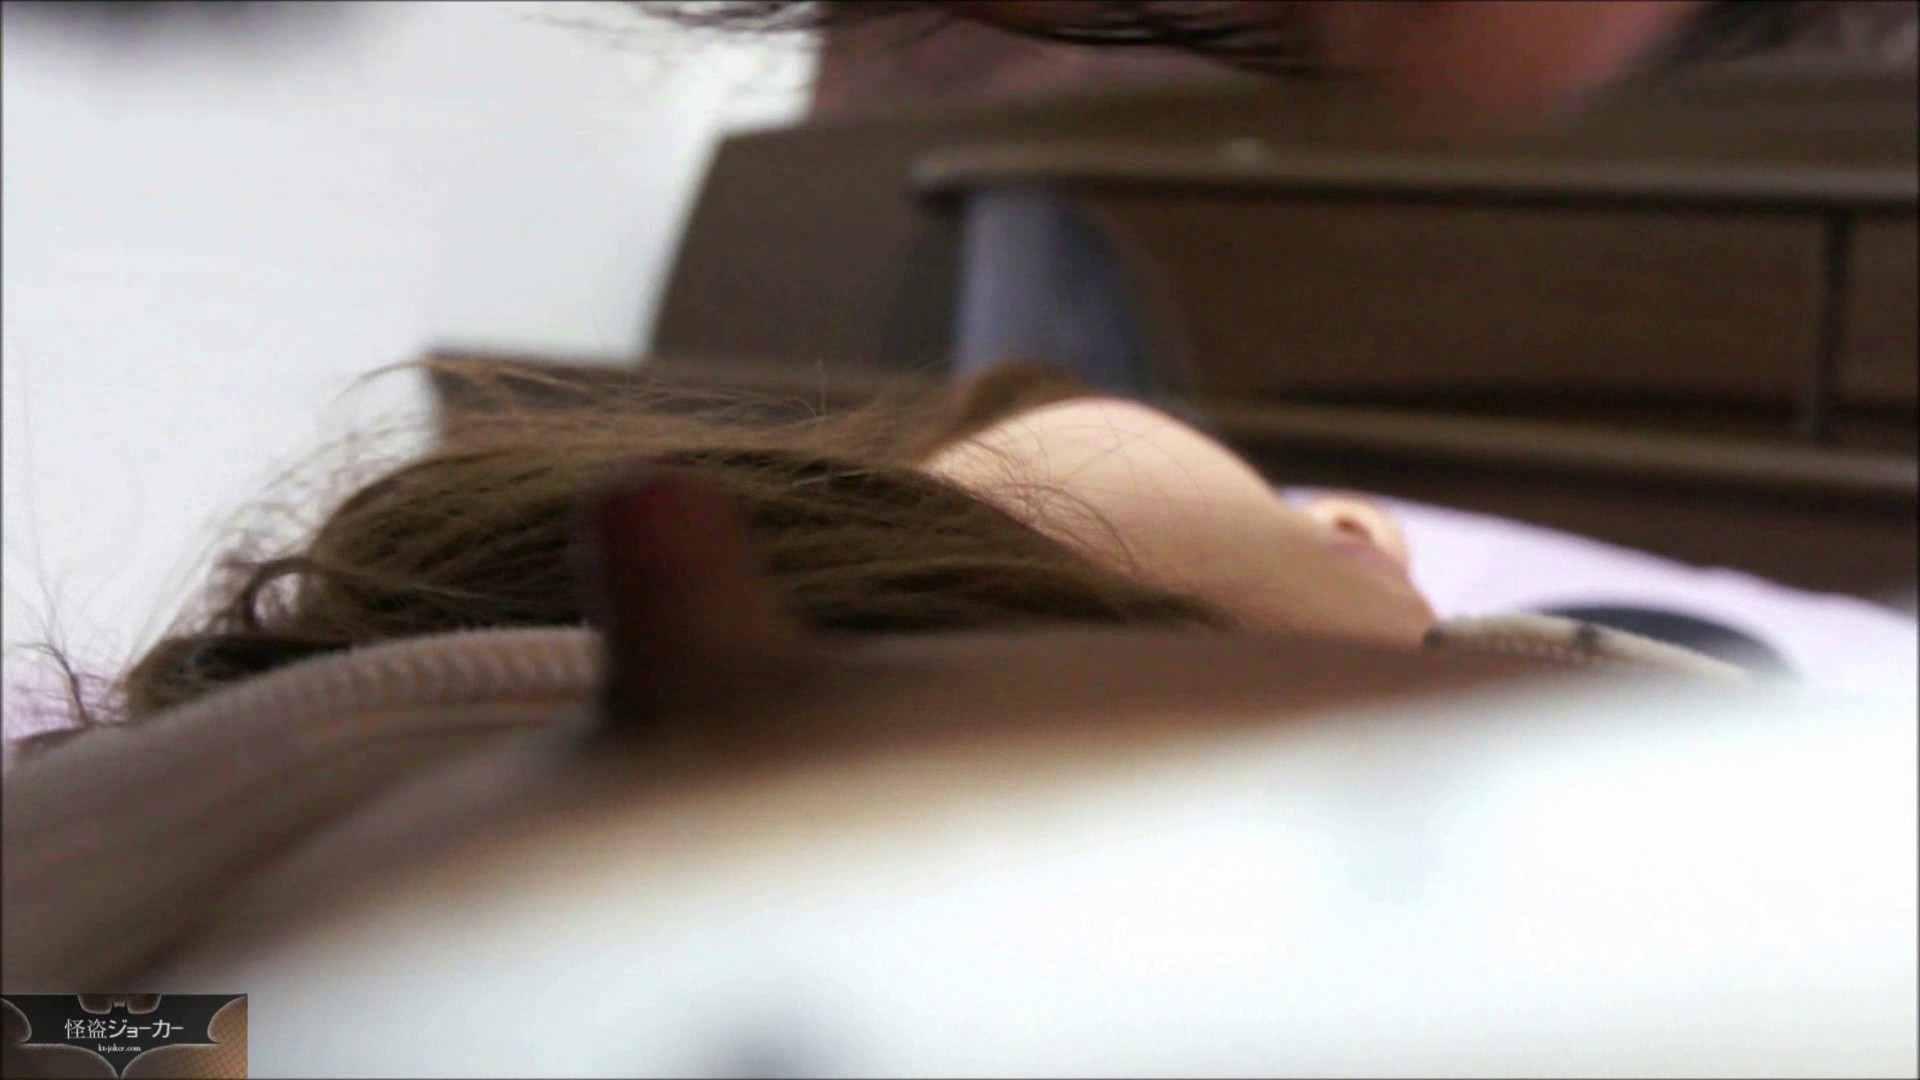 【未公開】vol.4 ユリナ×ヒトミ女市女末を・・・ 友人・知人 すけべAV動画紹介 86画像 43